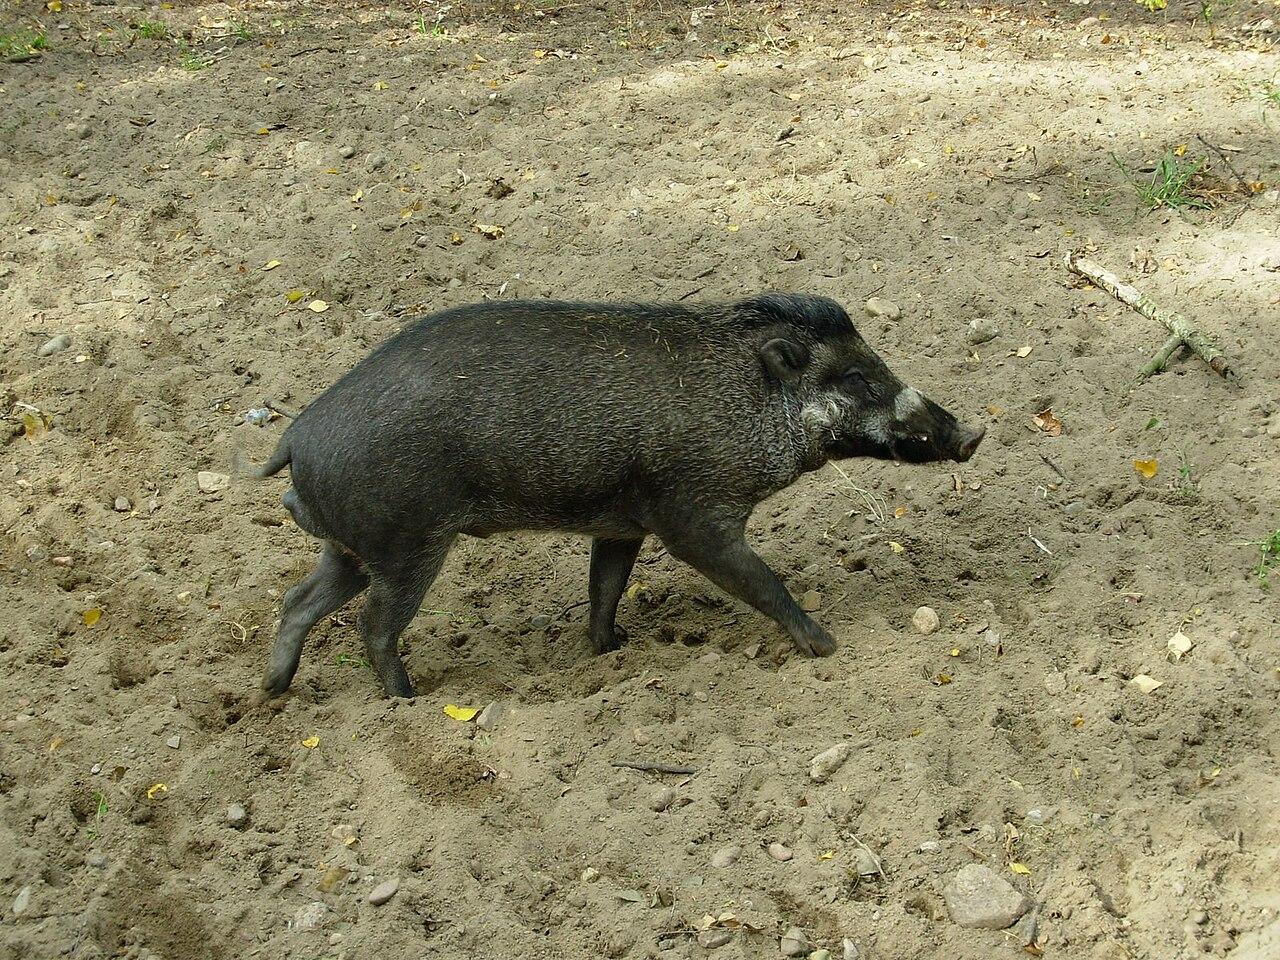 file Świnia wisajska sus cebifrons negrinus visayan warty pig